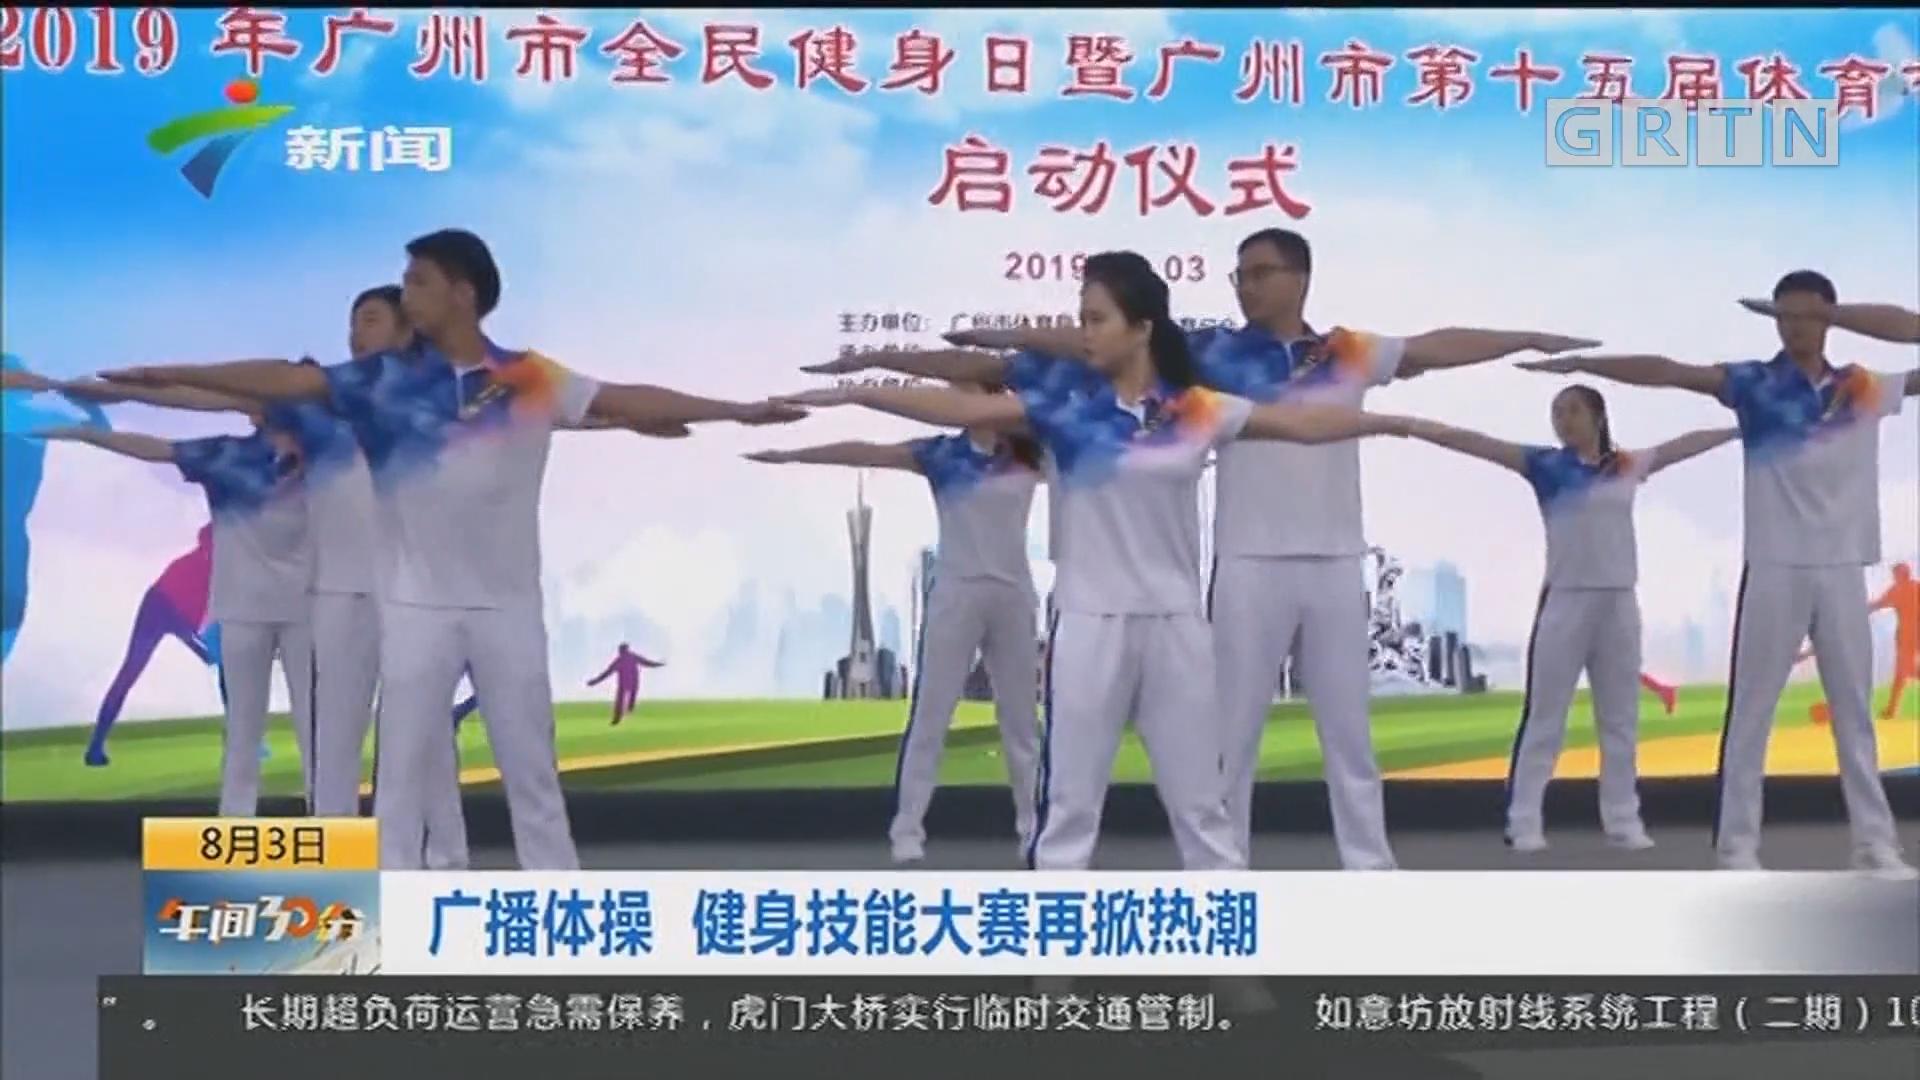 广播体操 健身技能大赛再掀热潮